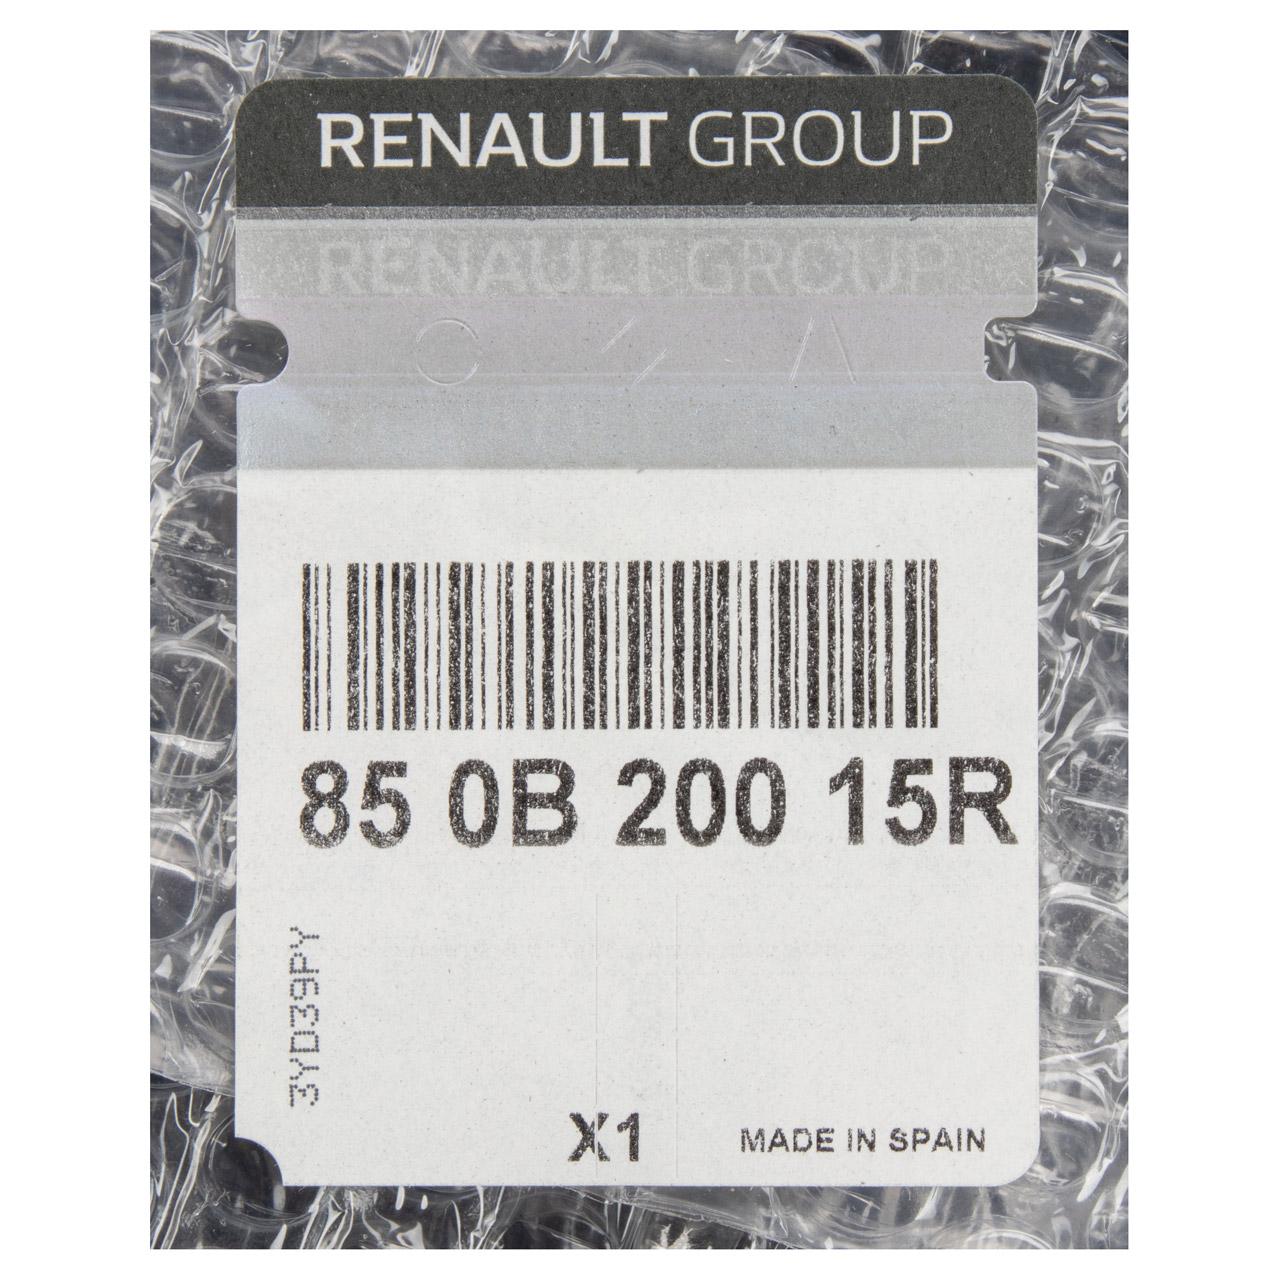 ORIGINAL Renault Stoßstange Megane II bis 03.2012 hinten UNTERER TEIL 850B20015R